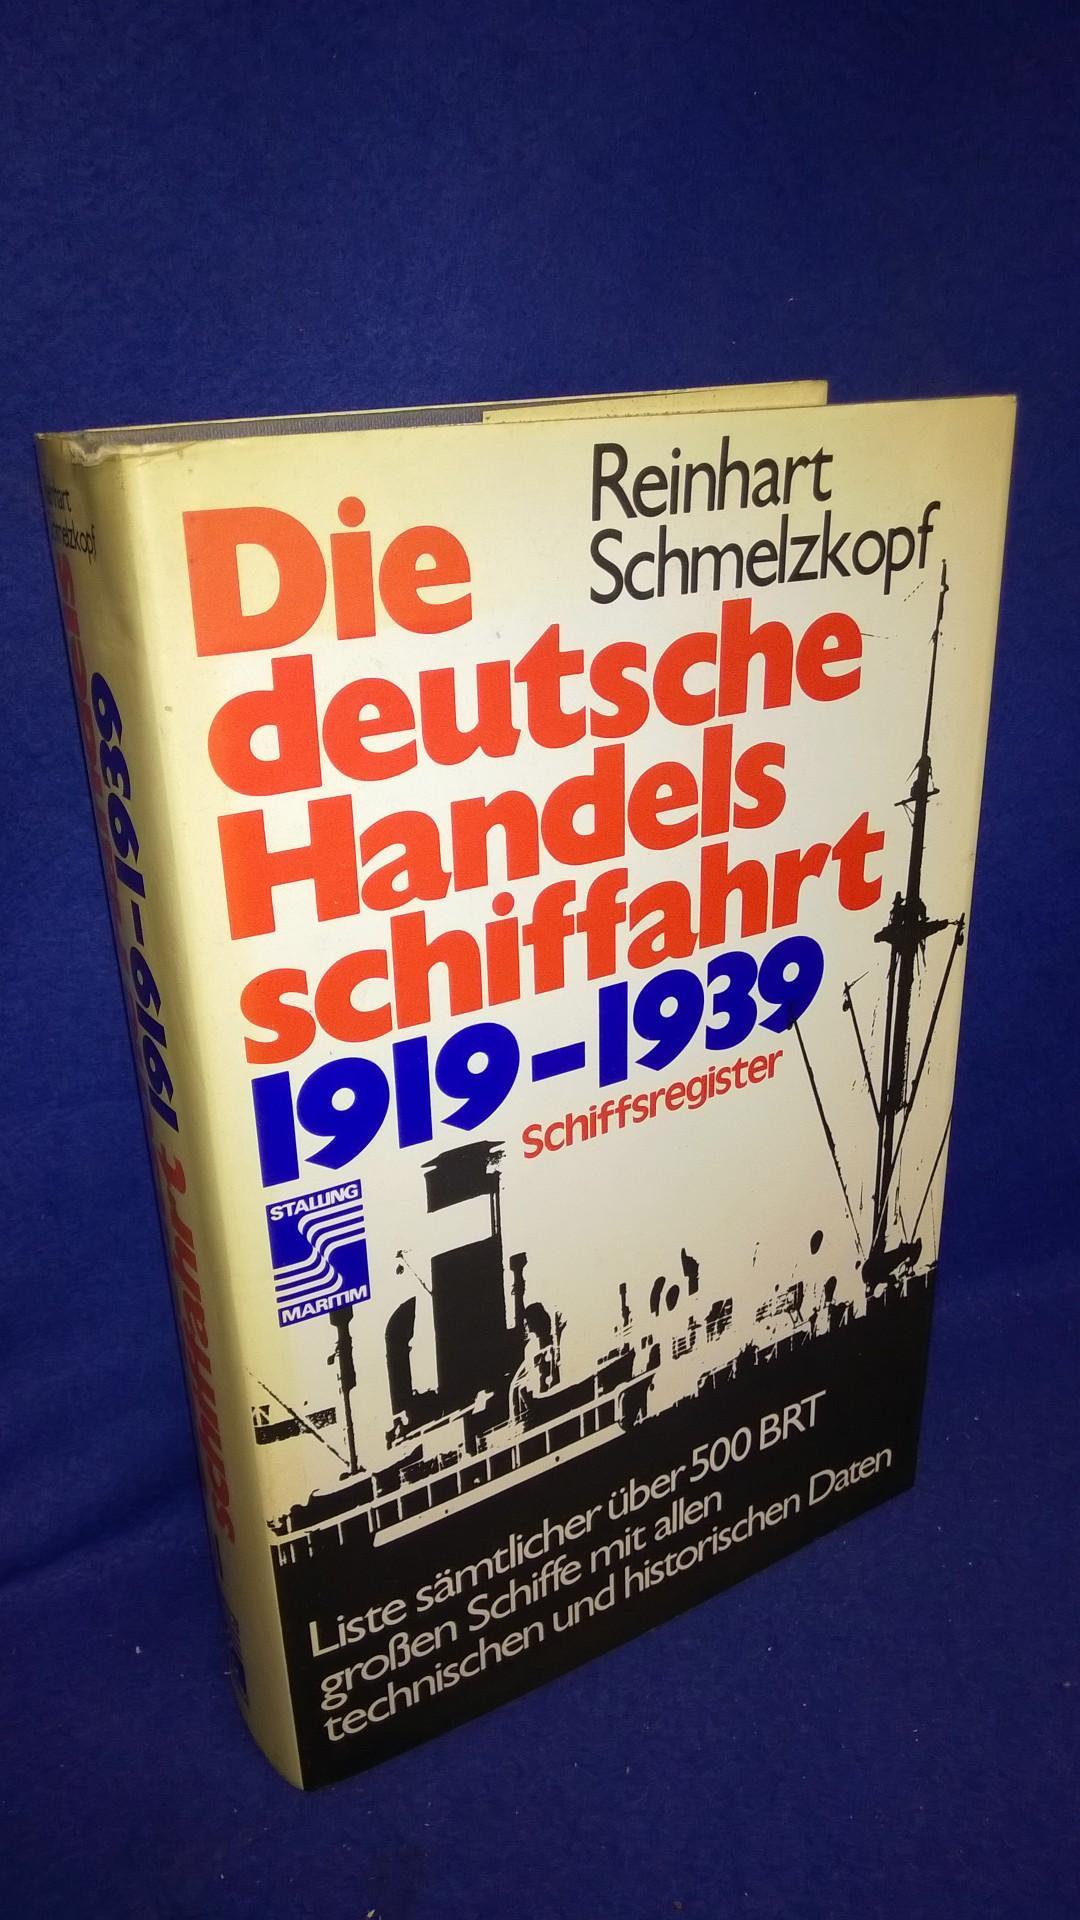 Die deutsche Handelsschiffahrt 1919 -1939. Band 2:Schiffsregister. Liste sämtlicher über 500 BRT großen Schiffee mit allen technischen und historischen Daten